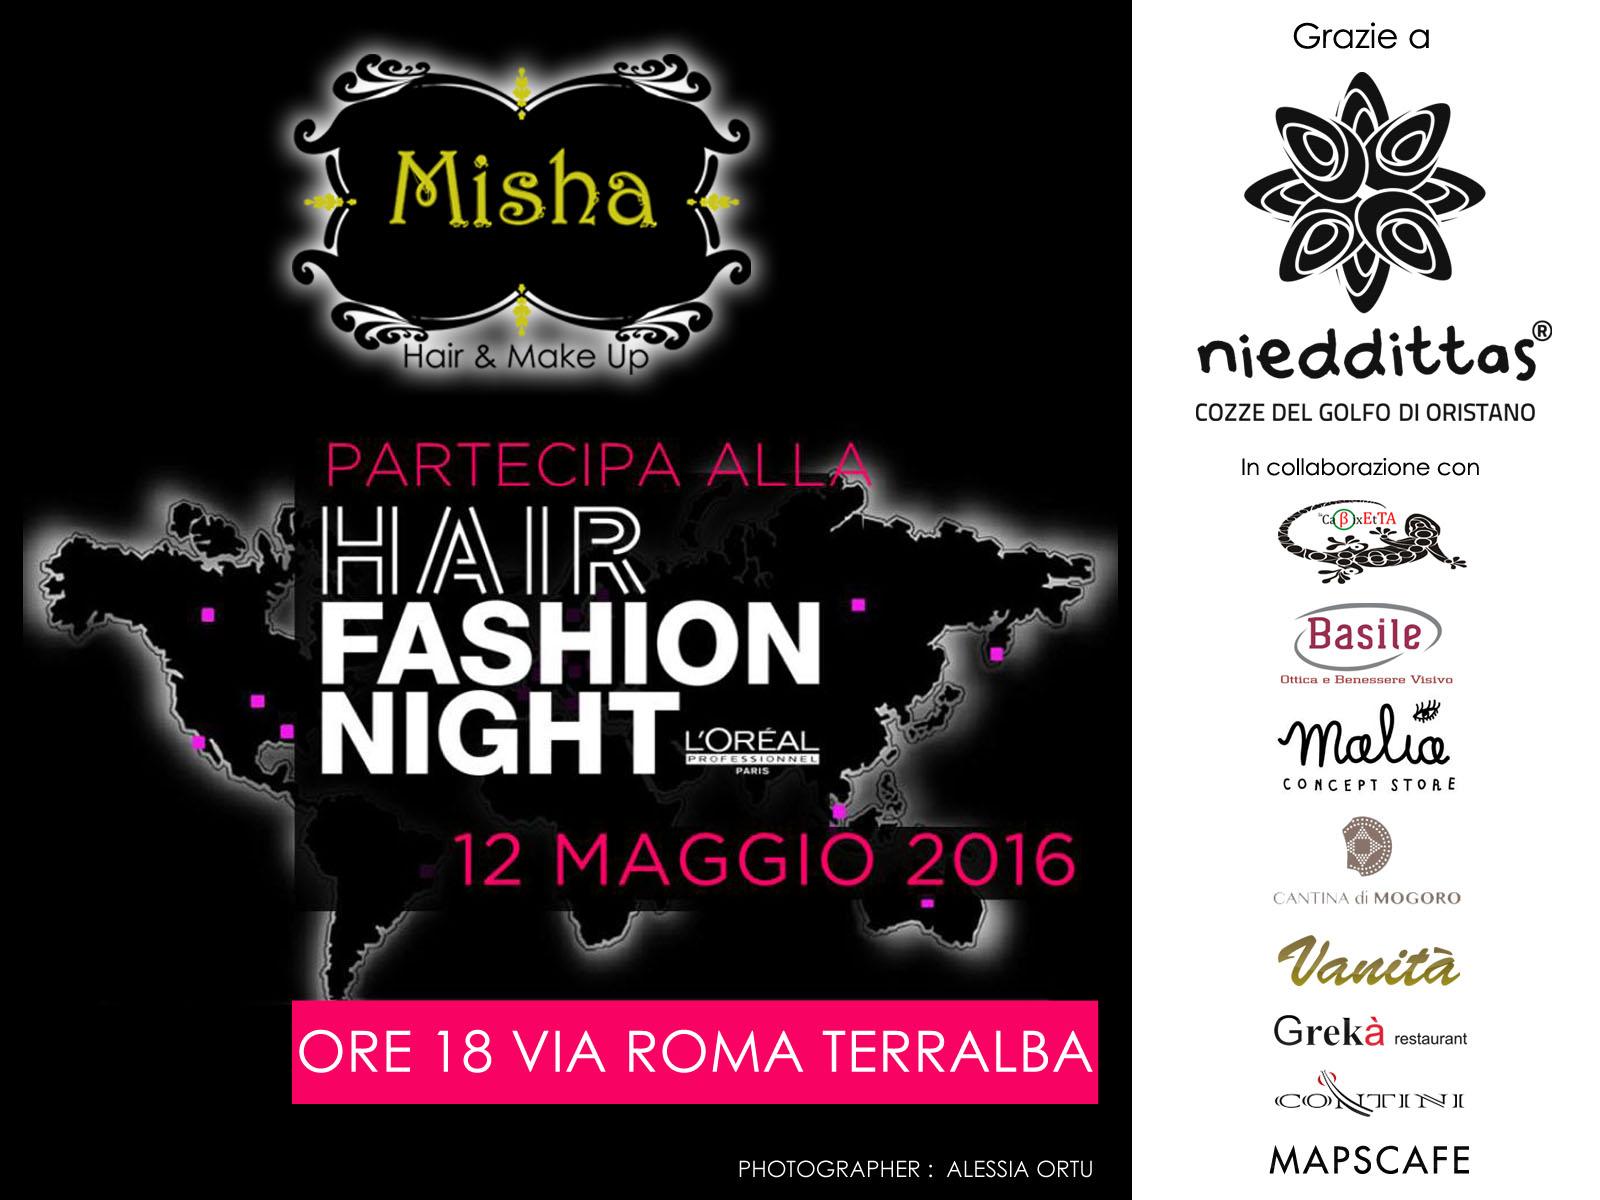 Terralba, 12 maggio: evento Misha/L'Orèal in collaborazione con Nieddittas.